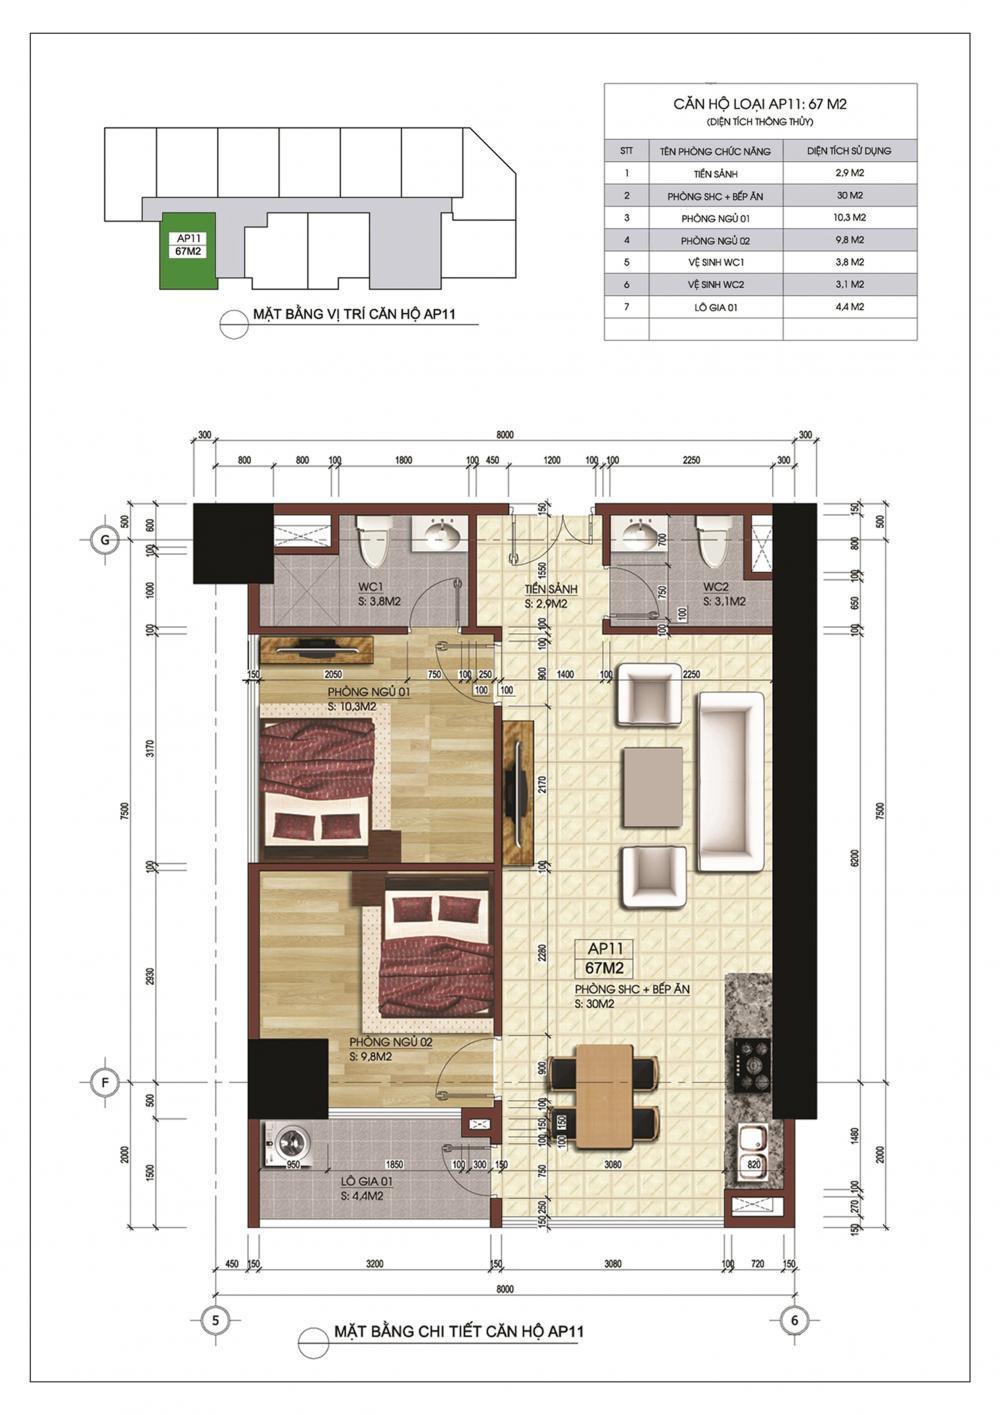 Thiết kế căn hộ AP11 Central Point Trung Kính